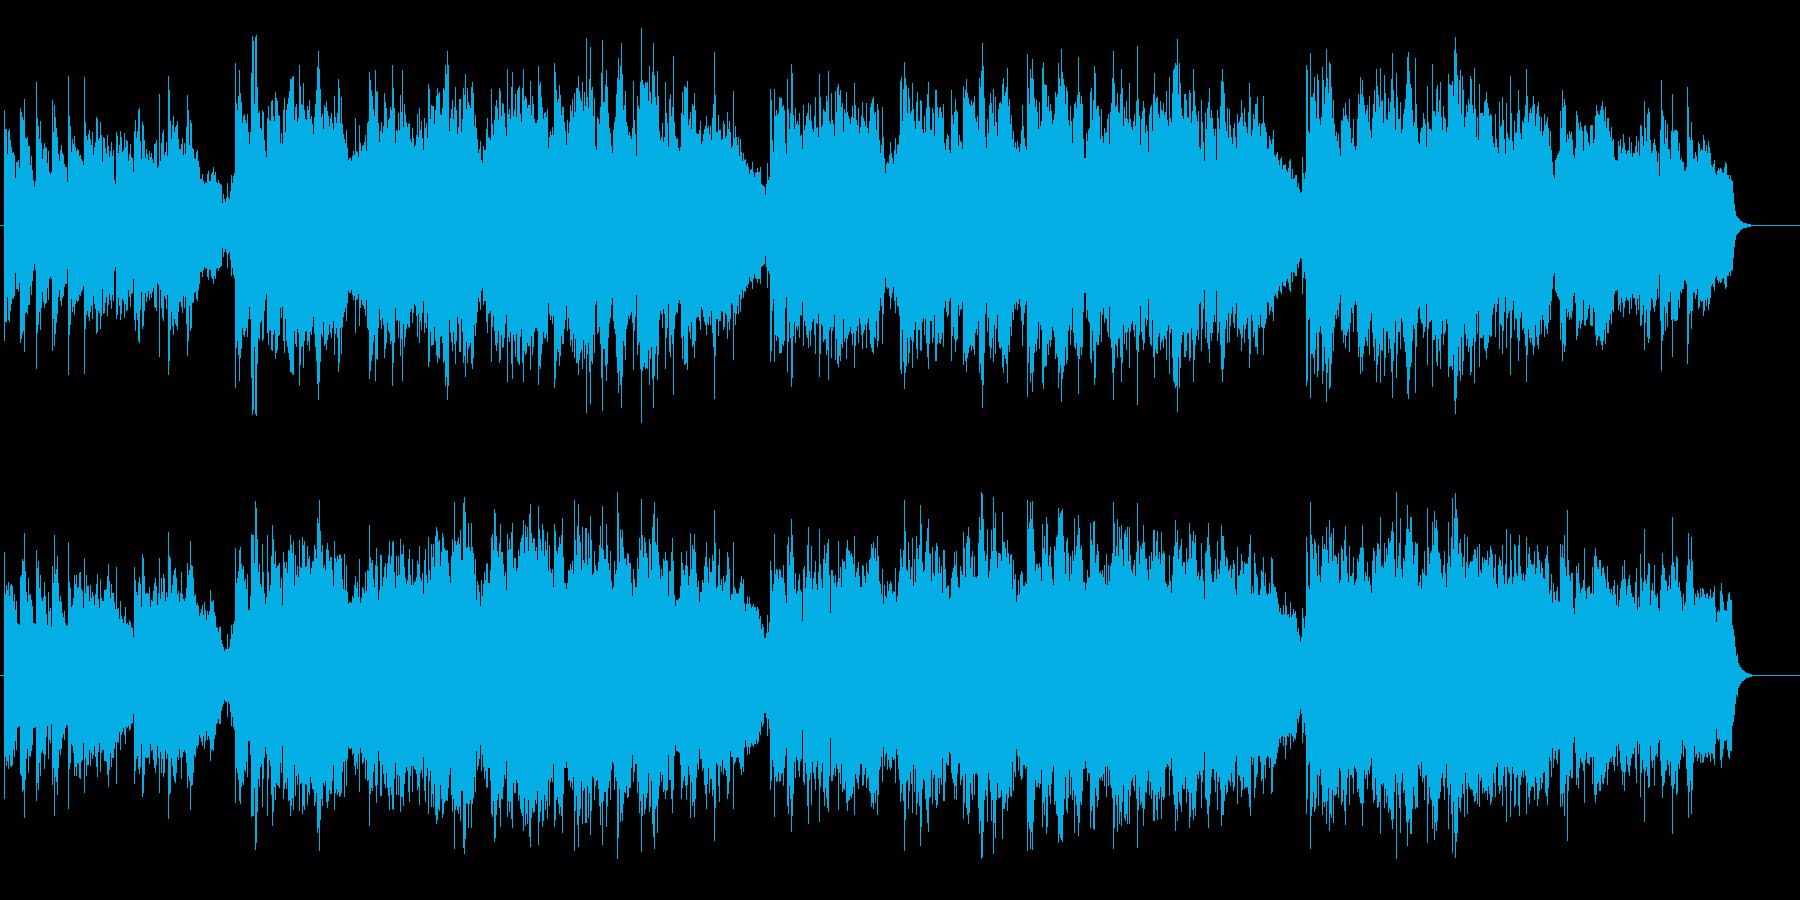 シリアスなスロー・バラード(花束贈呈)の再生済みの波形